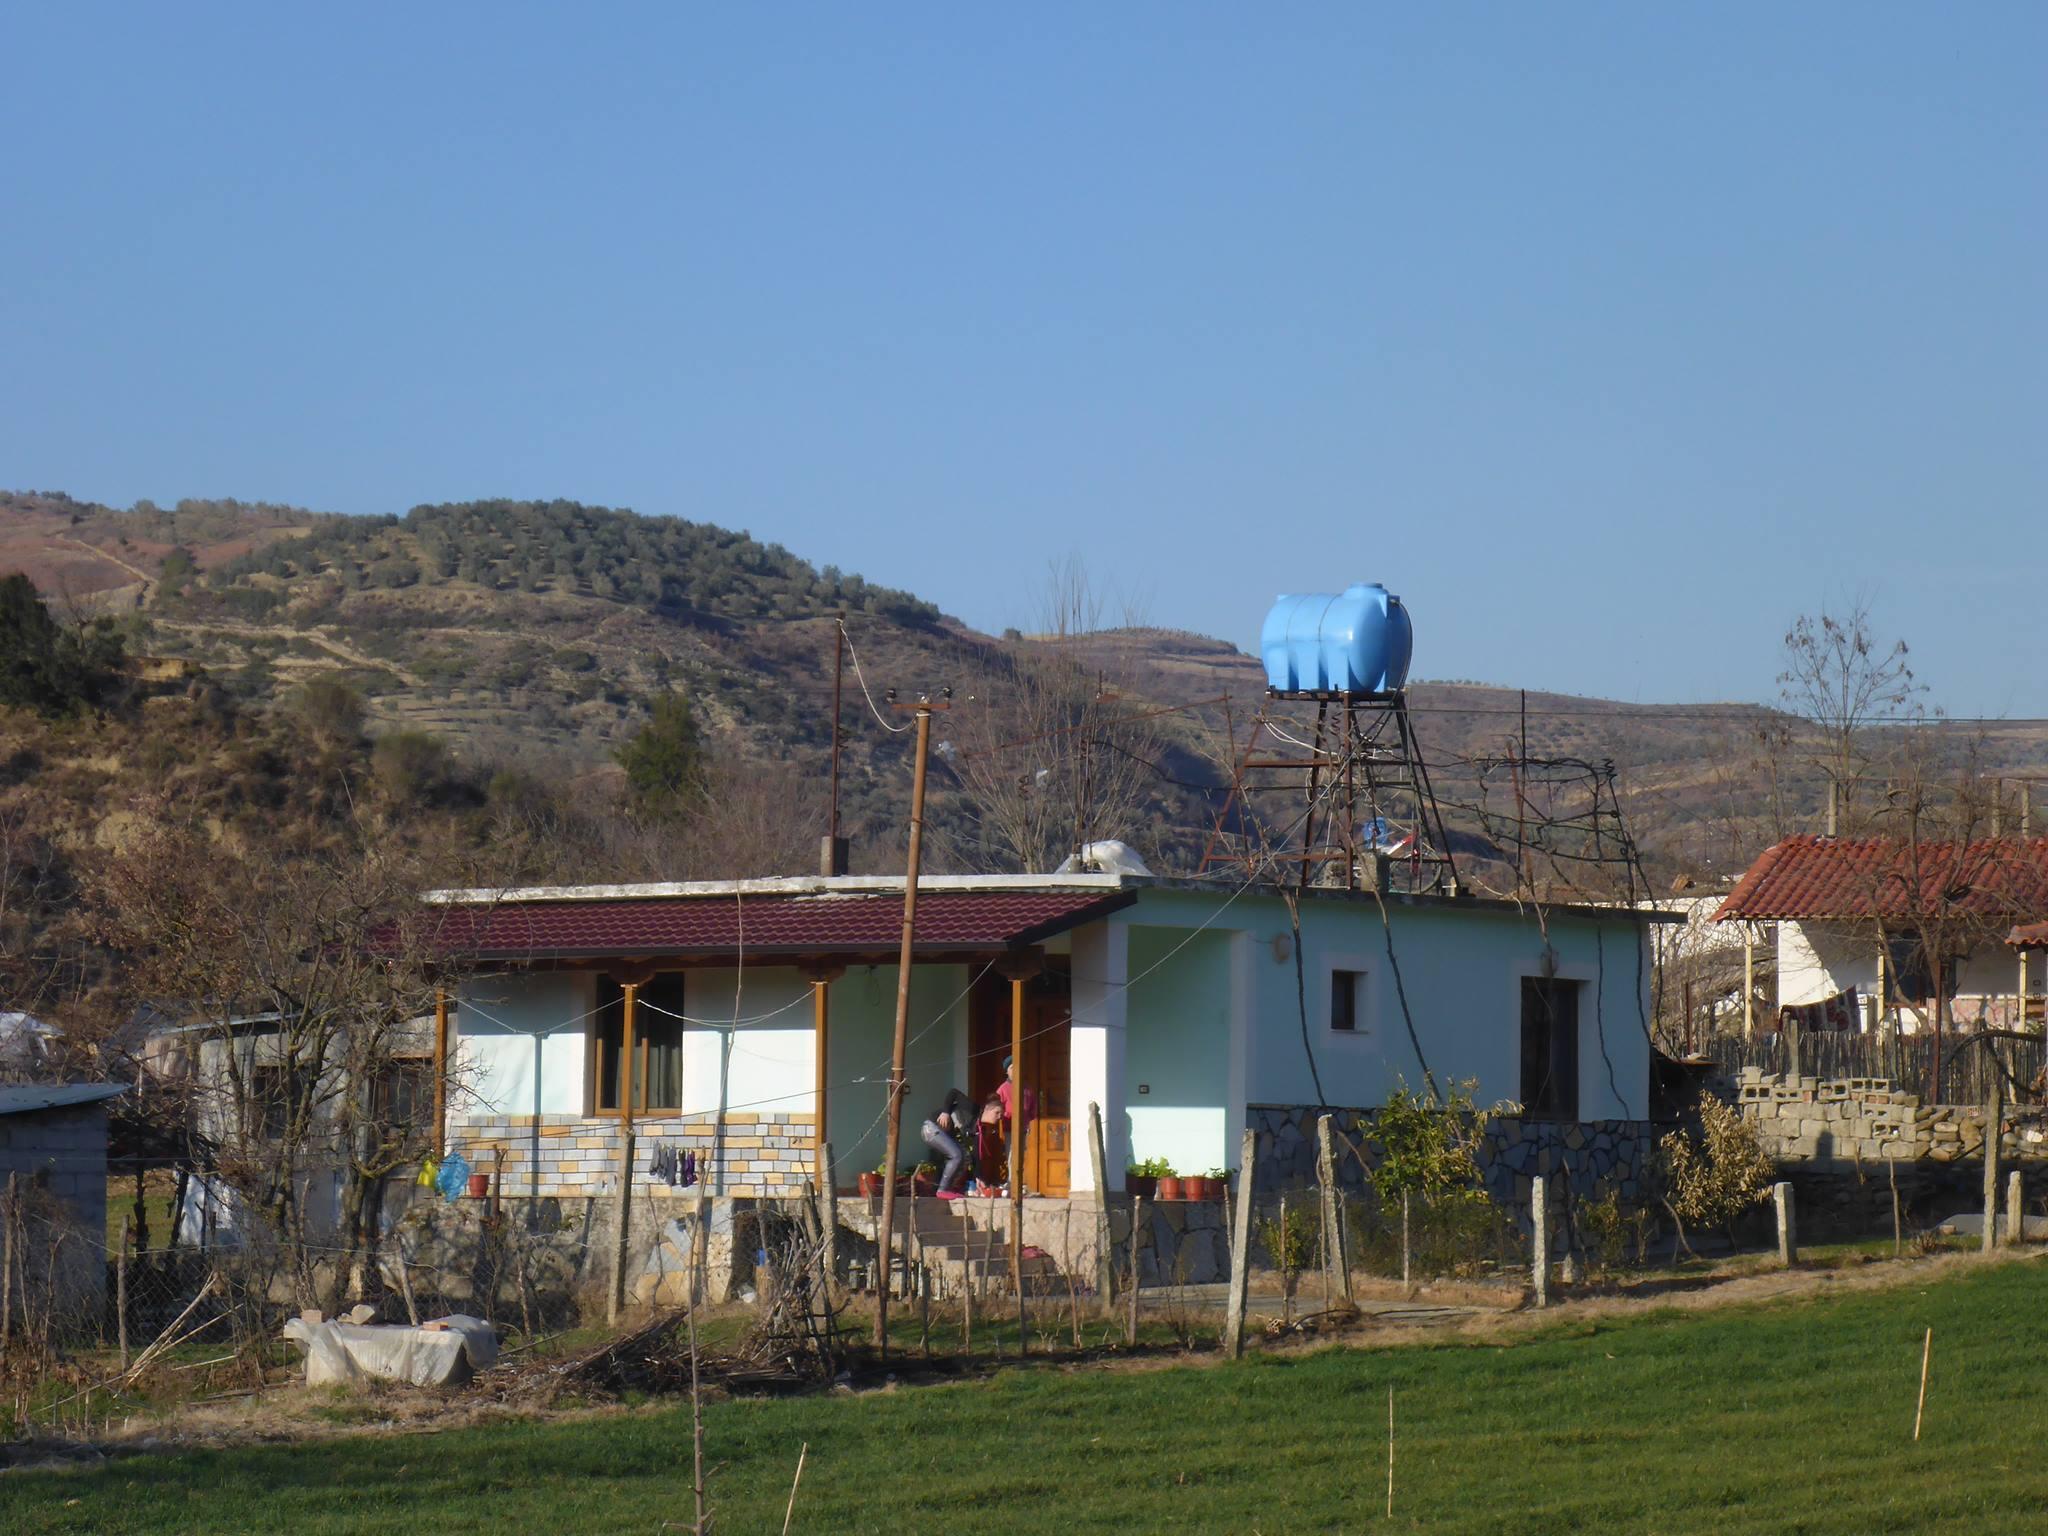 Chaque maison possède une réserve d'eau sur le toit afin de se prémunir des fréquentes coupures d'eau survenant aléatoirement dans le pays